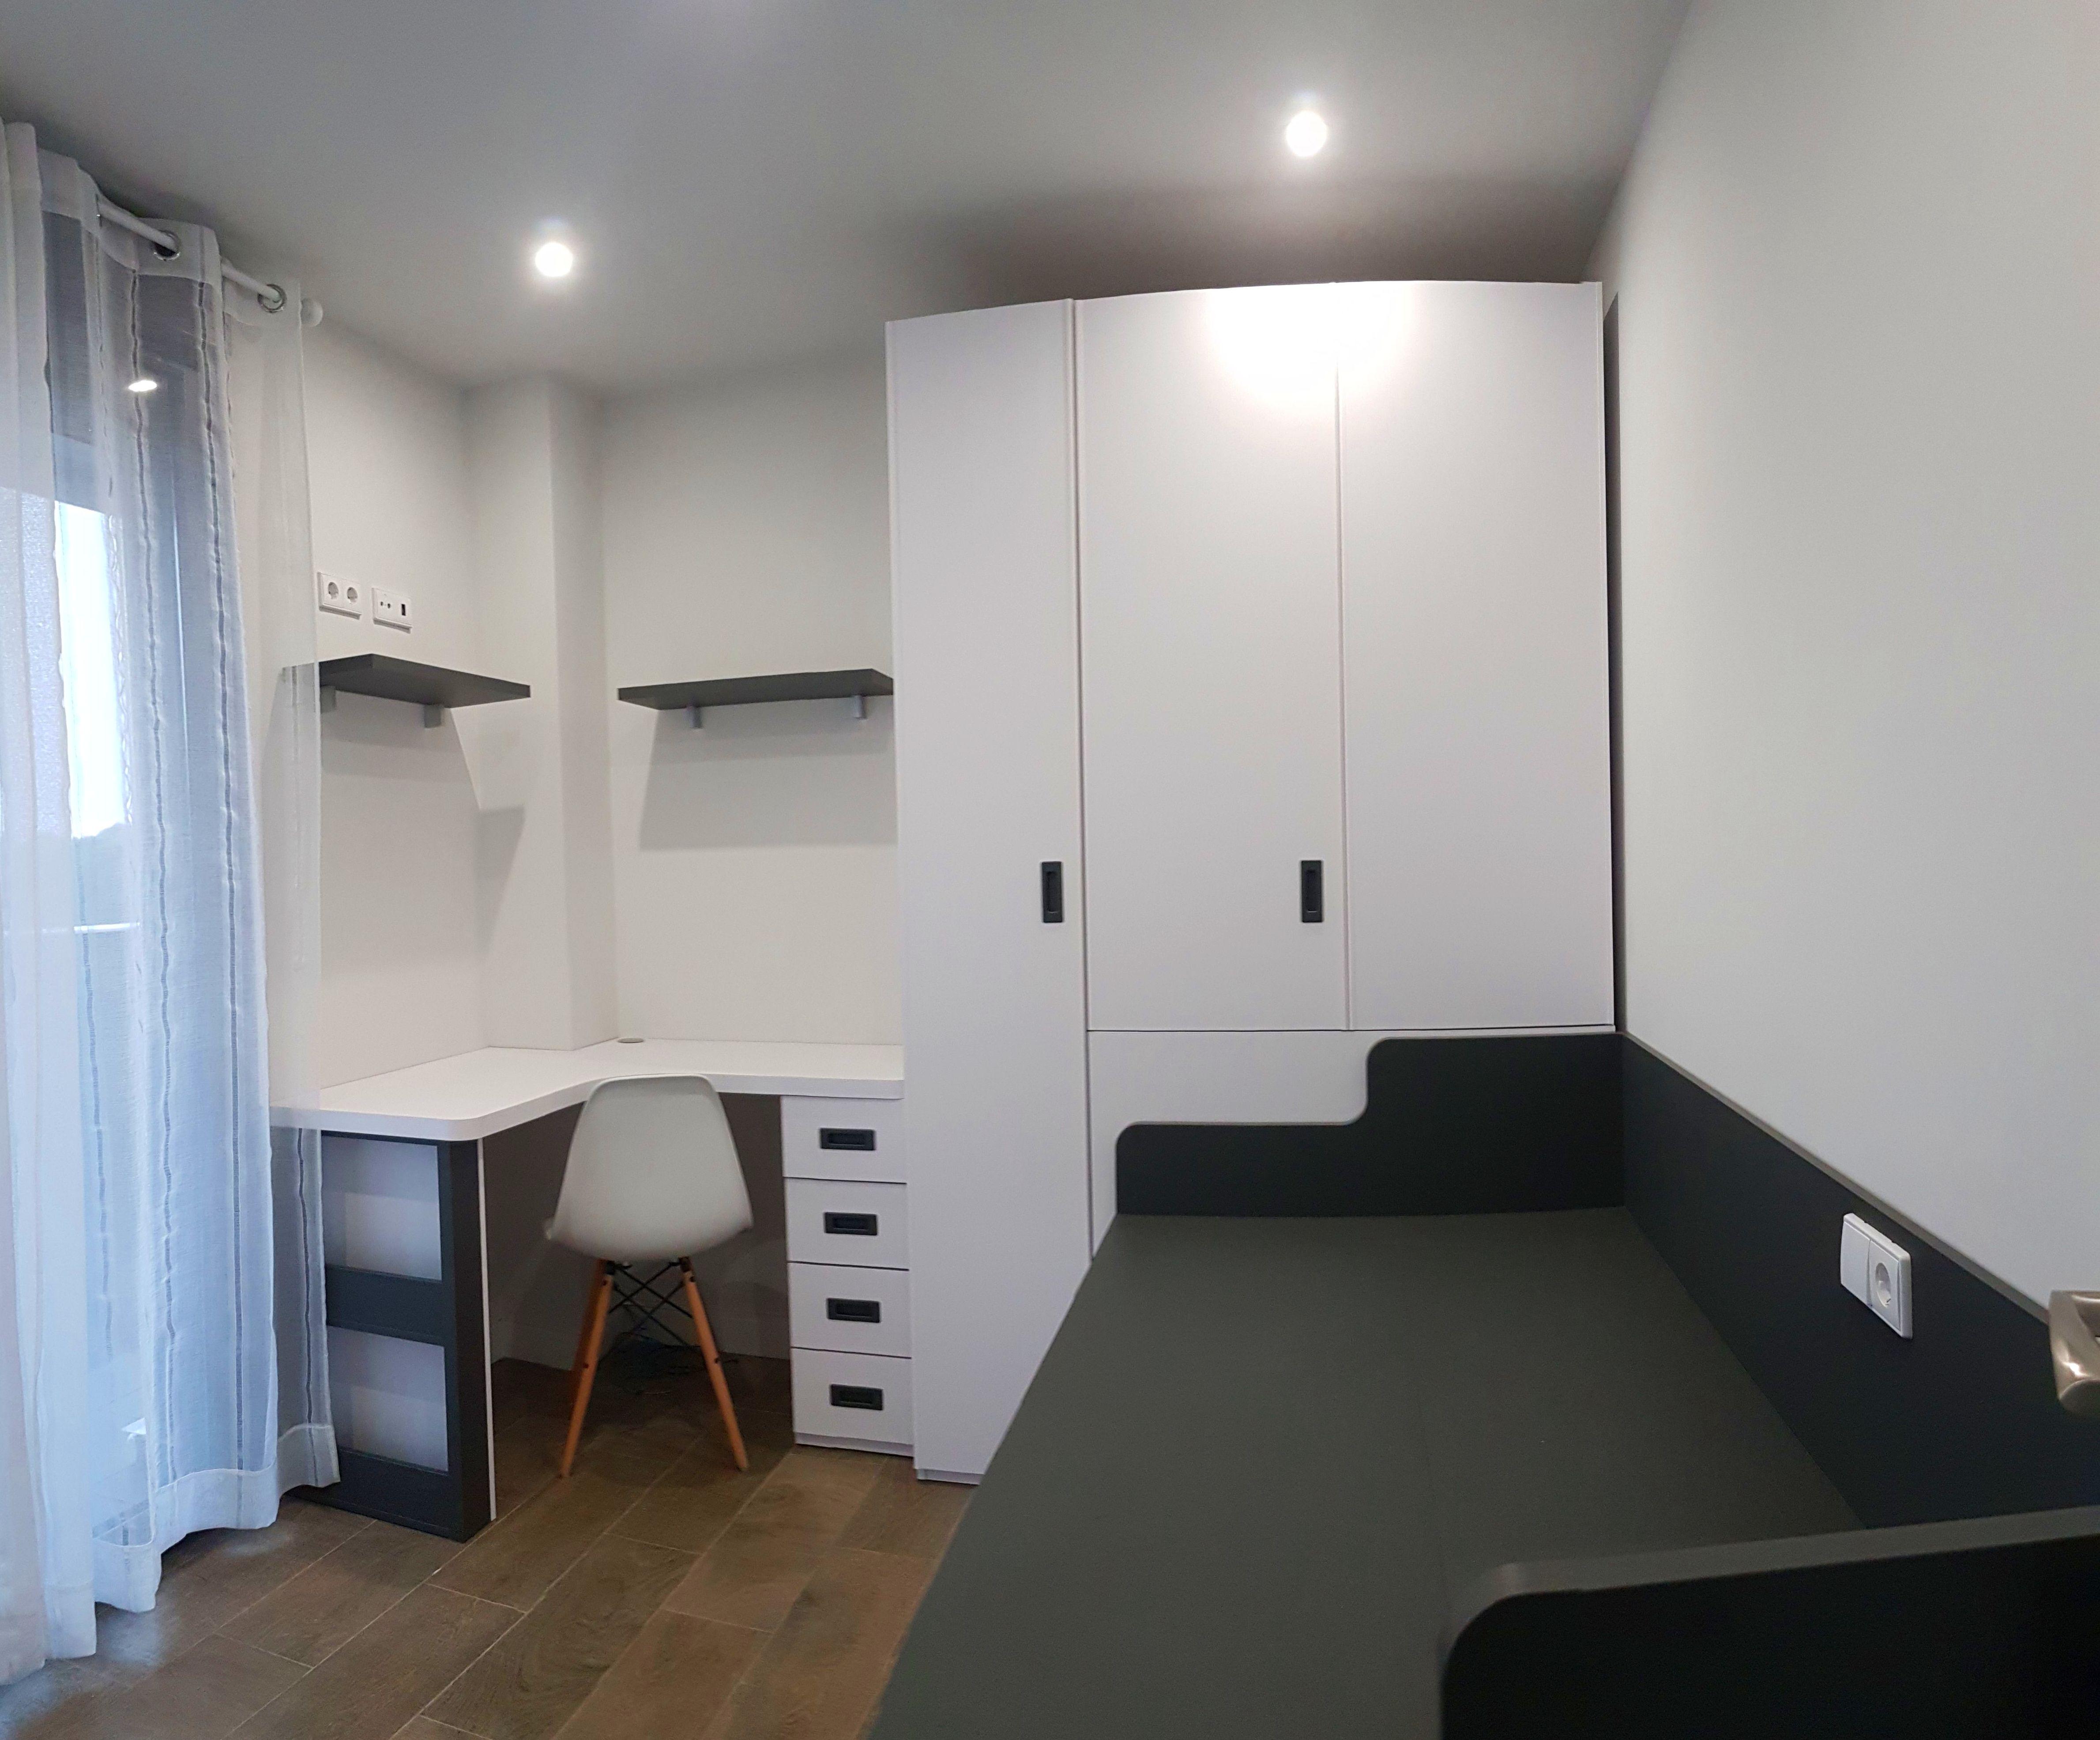 Foto 11 de Muebles y habitaciones infantiles en Gijón | El Cuarto de Micky